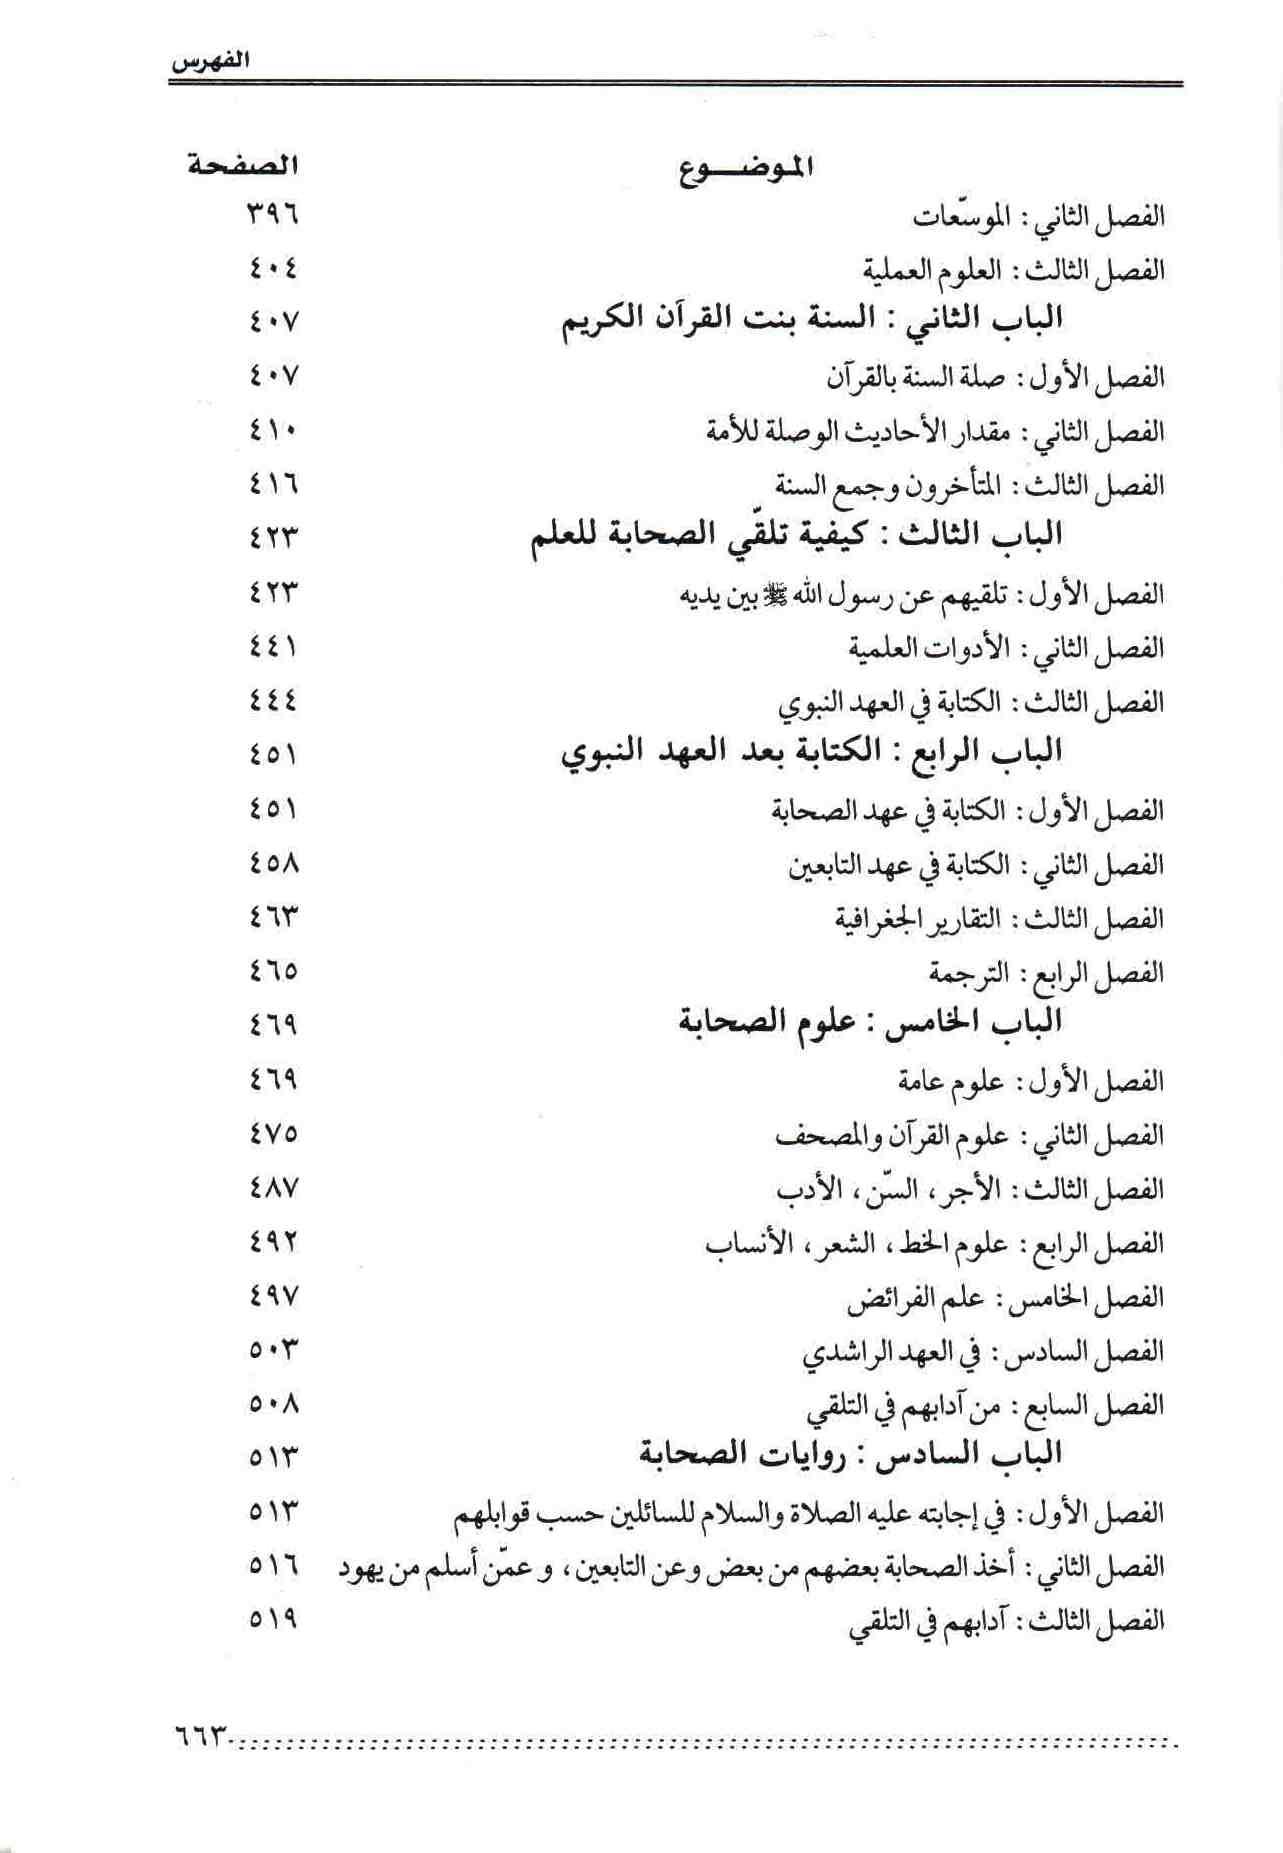 ص 63محتويات كتاب نظام الحكومة النبوية المسمي التراتيب الإدارية